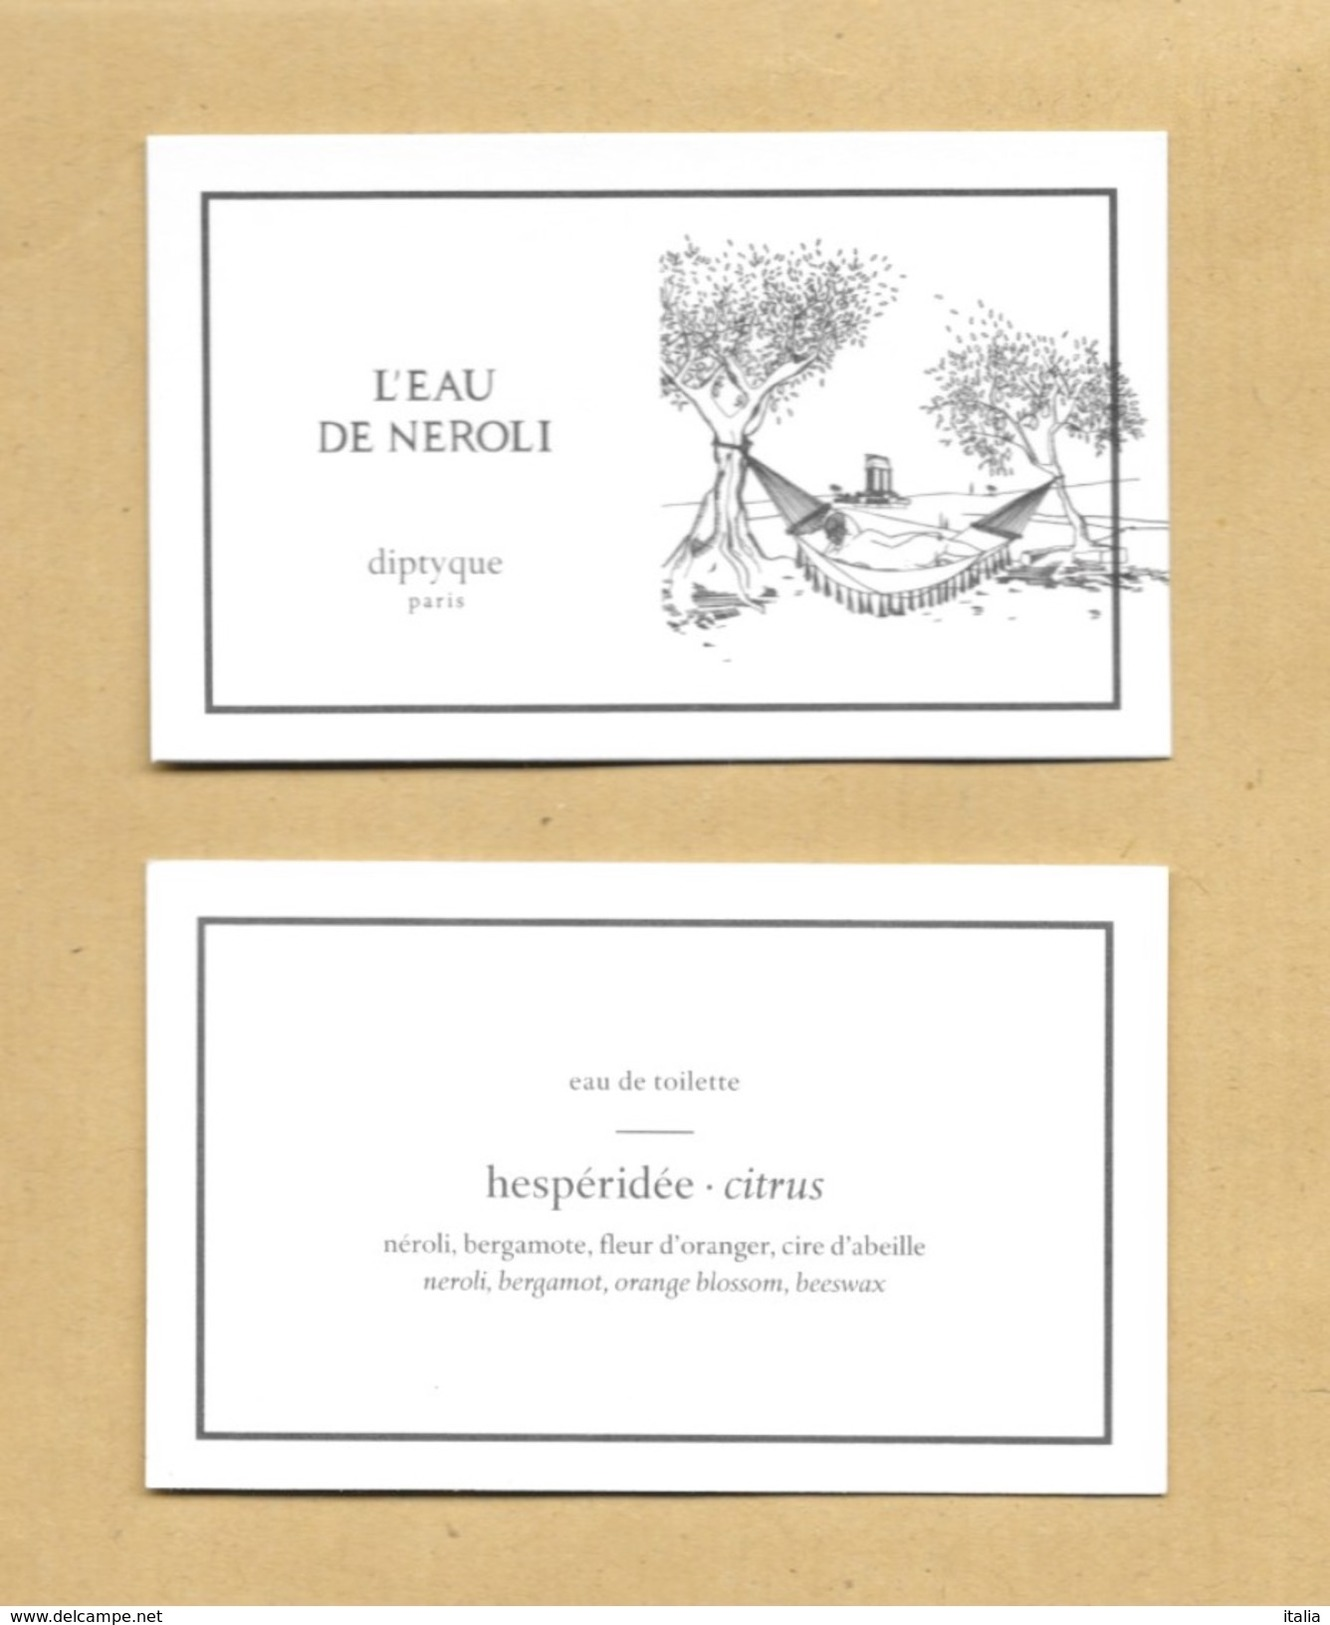 Nouvelle Carte De La Série *** Carte Parfumée Perfume Card EAU DE NEROLI * DIPTYQUE * R/V - Cartes Parfumées